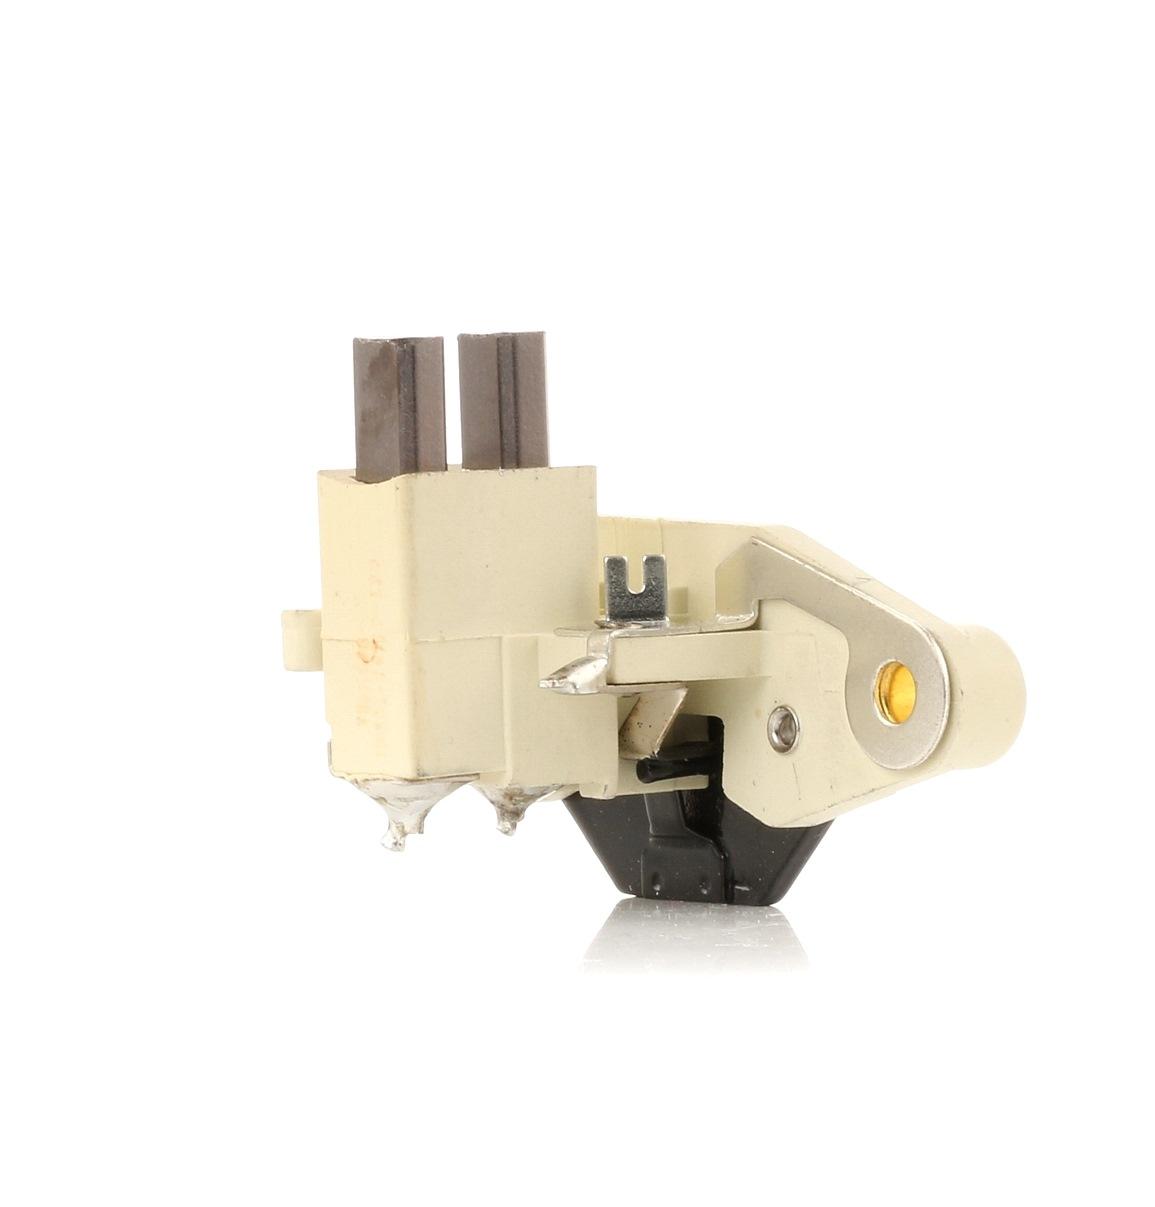 NISSAN VERSA Lichtmaschinenregler - Original BERU GER002